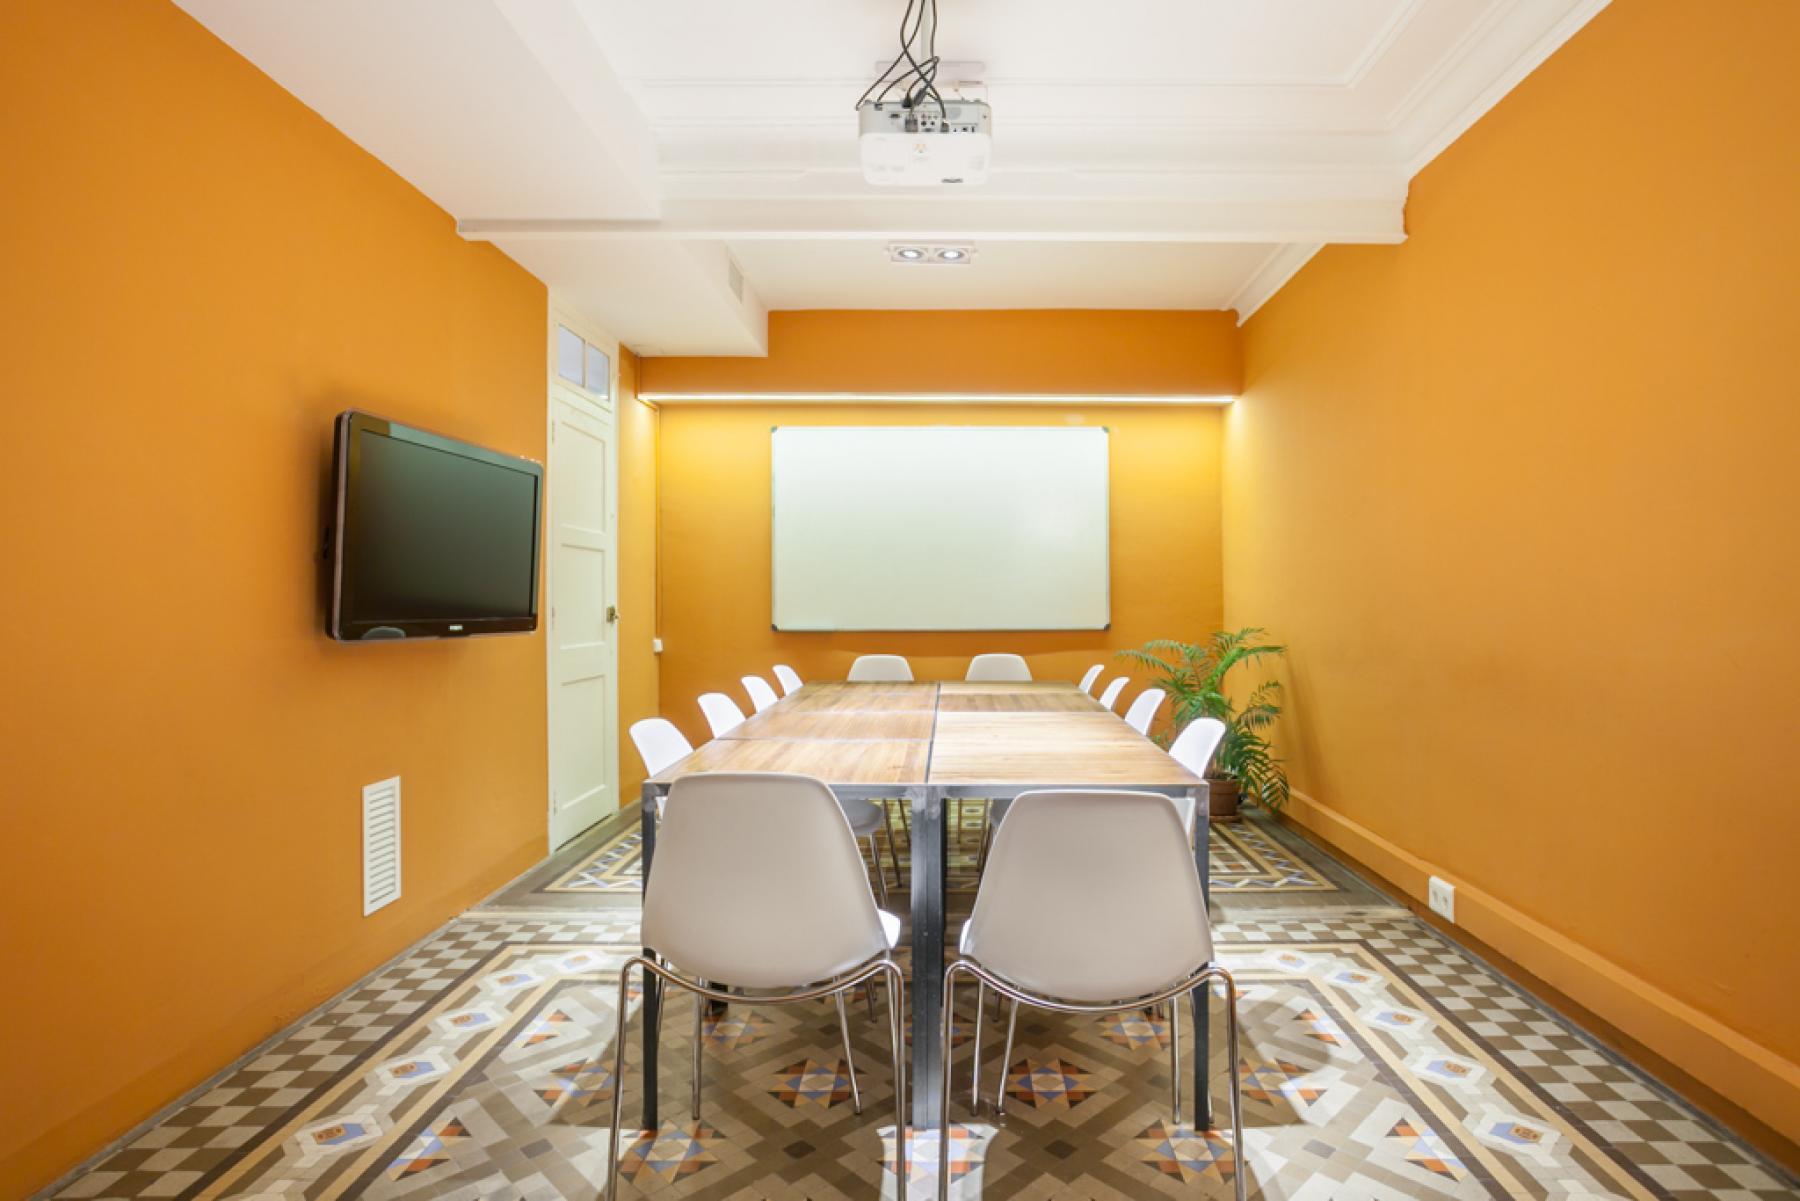 Alquilar oficinas Rambla de Catalunya 125, 3º, 2ª 125, Barcelona (3)